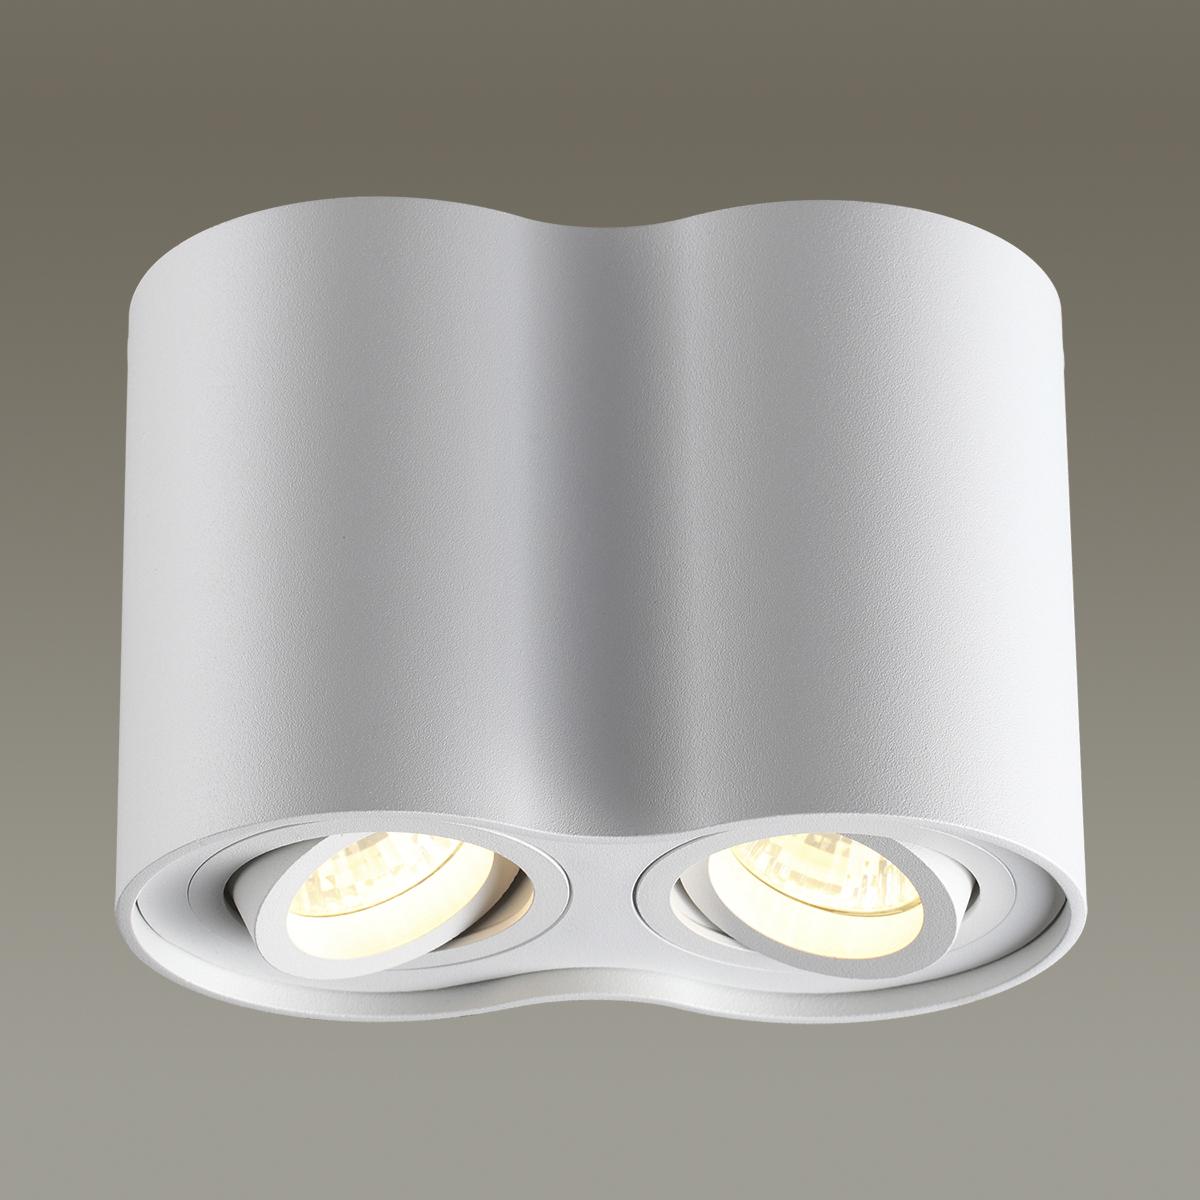 Потолочный светильник Odeon Light Pillaron 3564/2C, 2xGU10x50W, белый, металл - фото 1